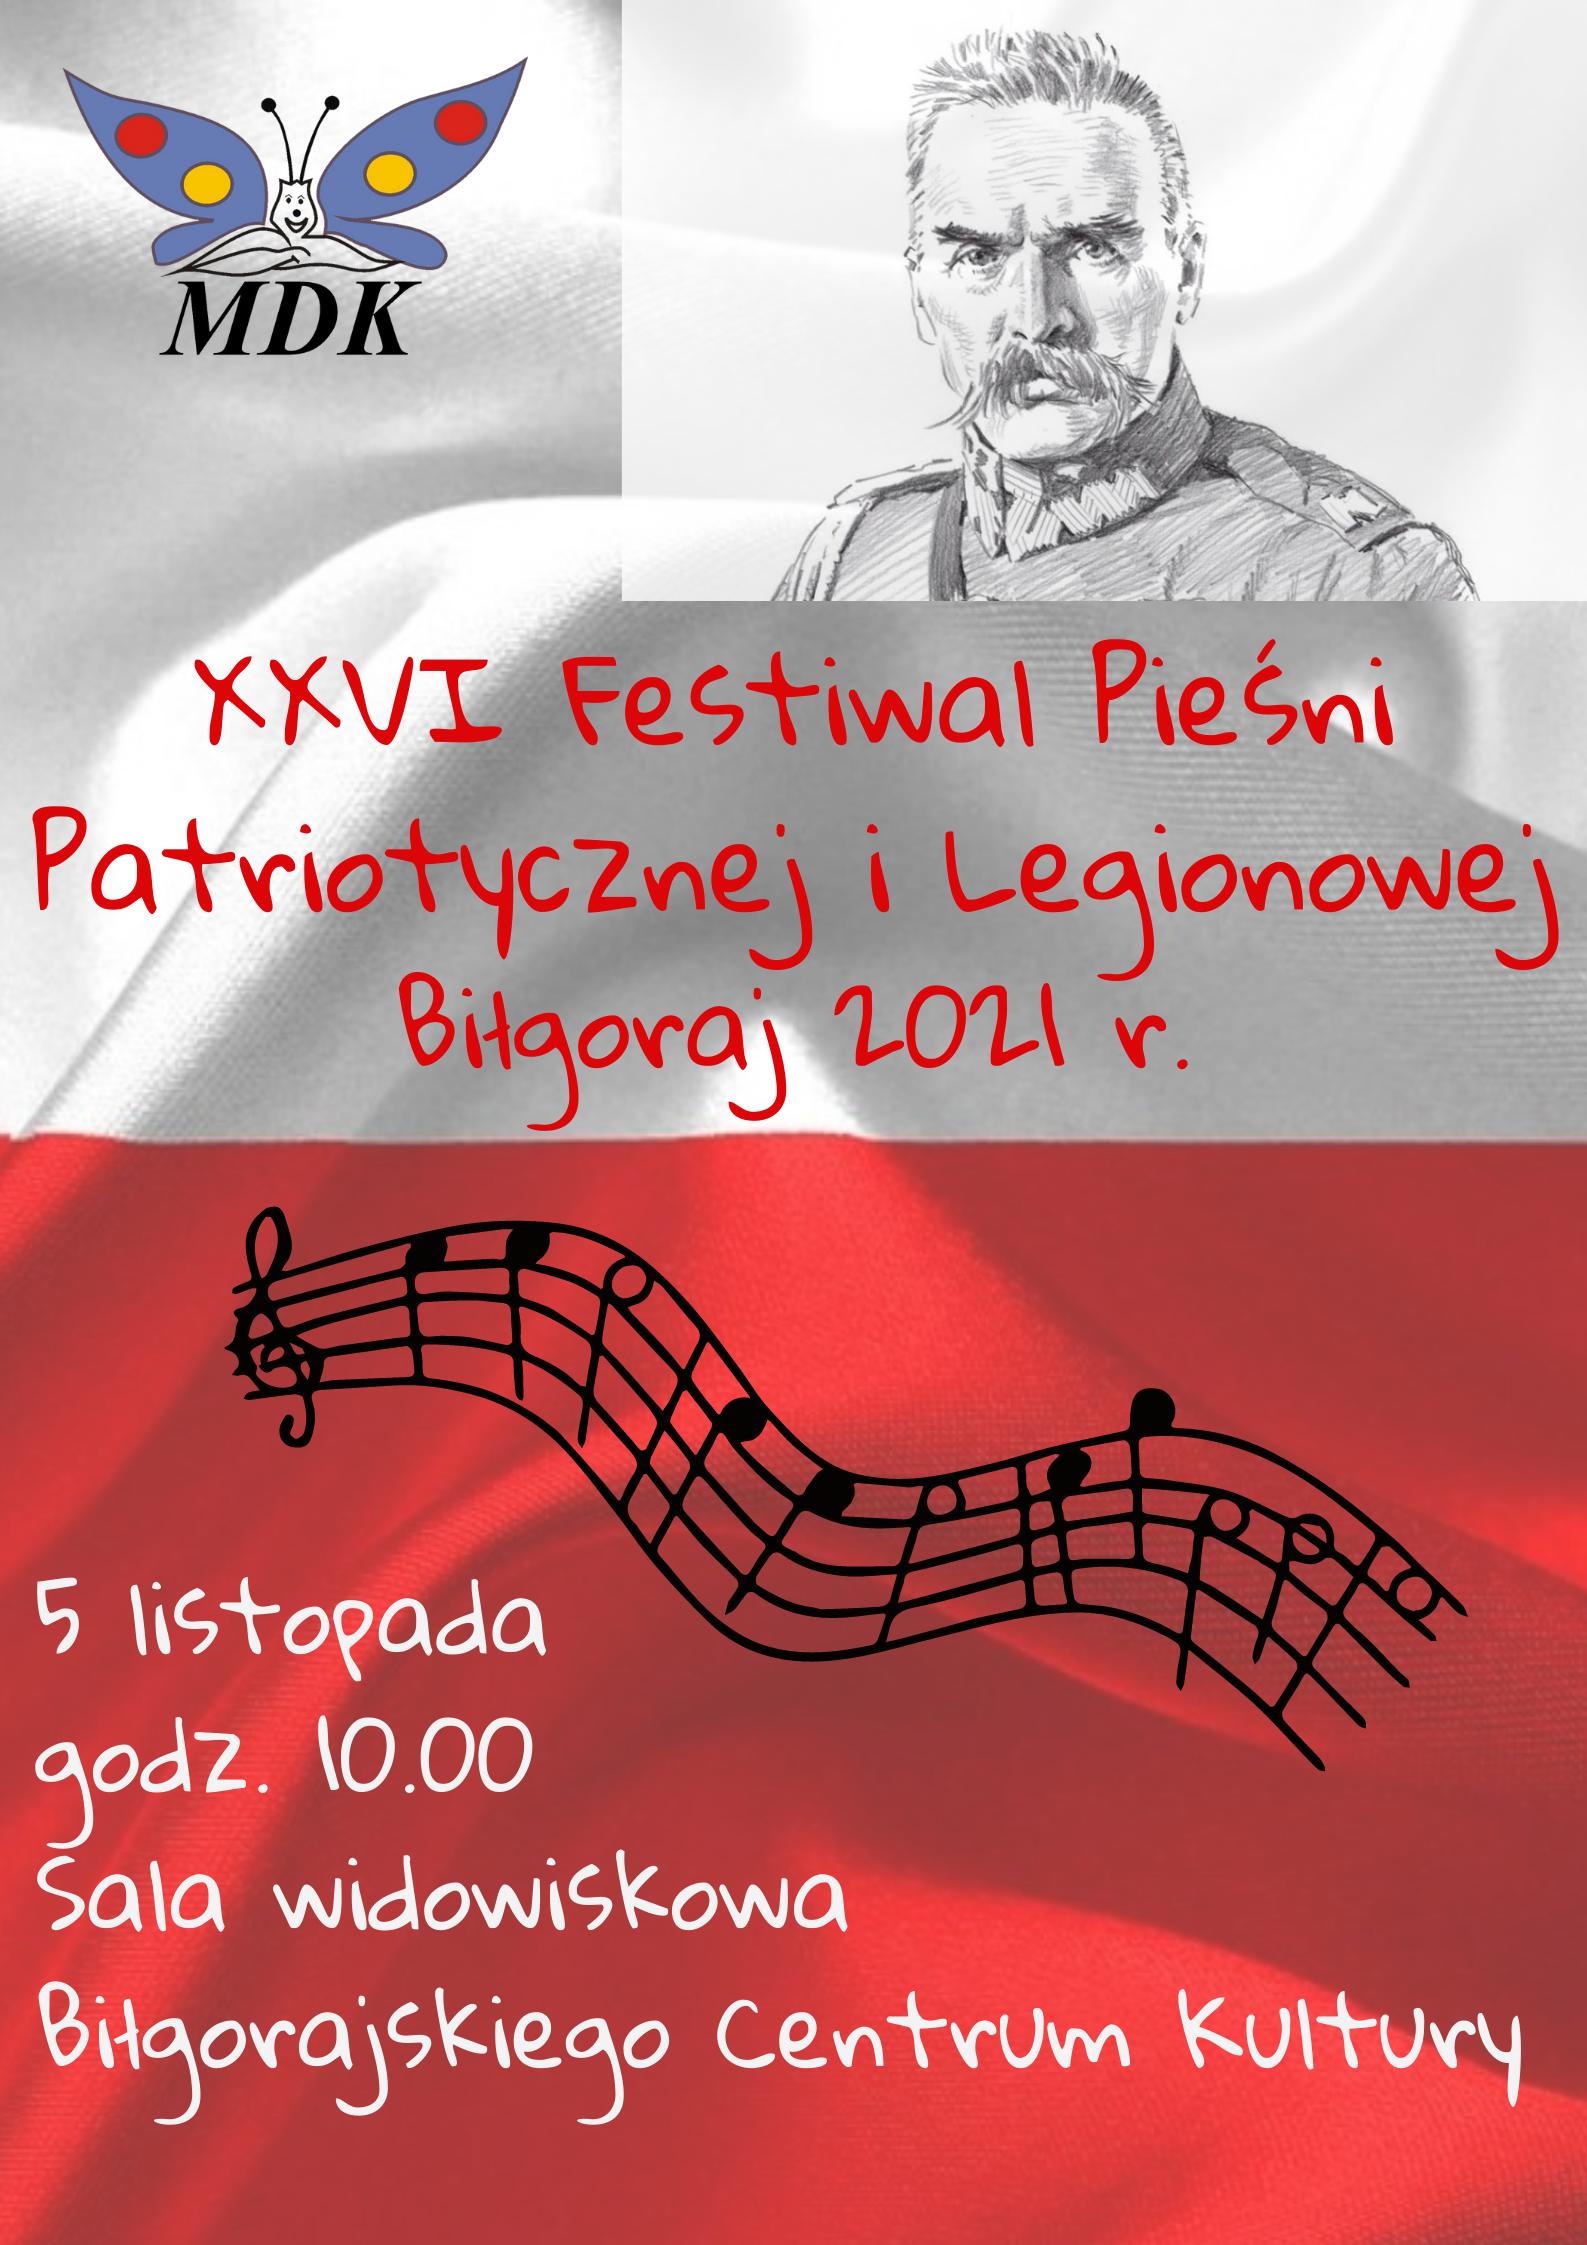 XXVI Festiwal Pieśni Patriotycznej i Legionowej Biłgoraj 2021 r